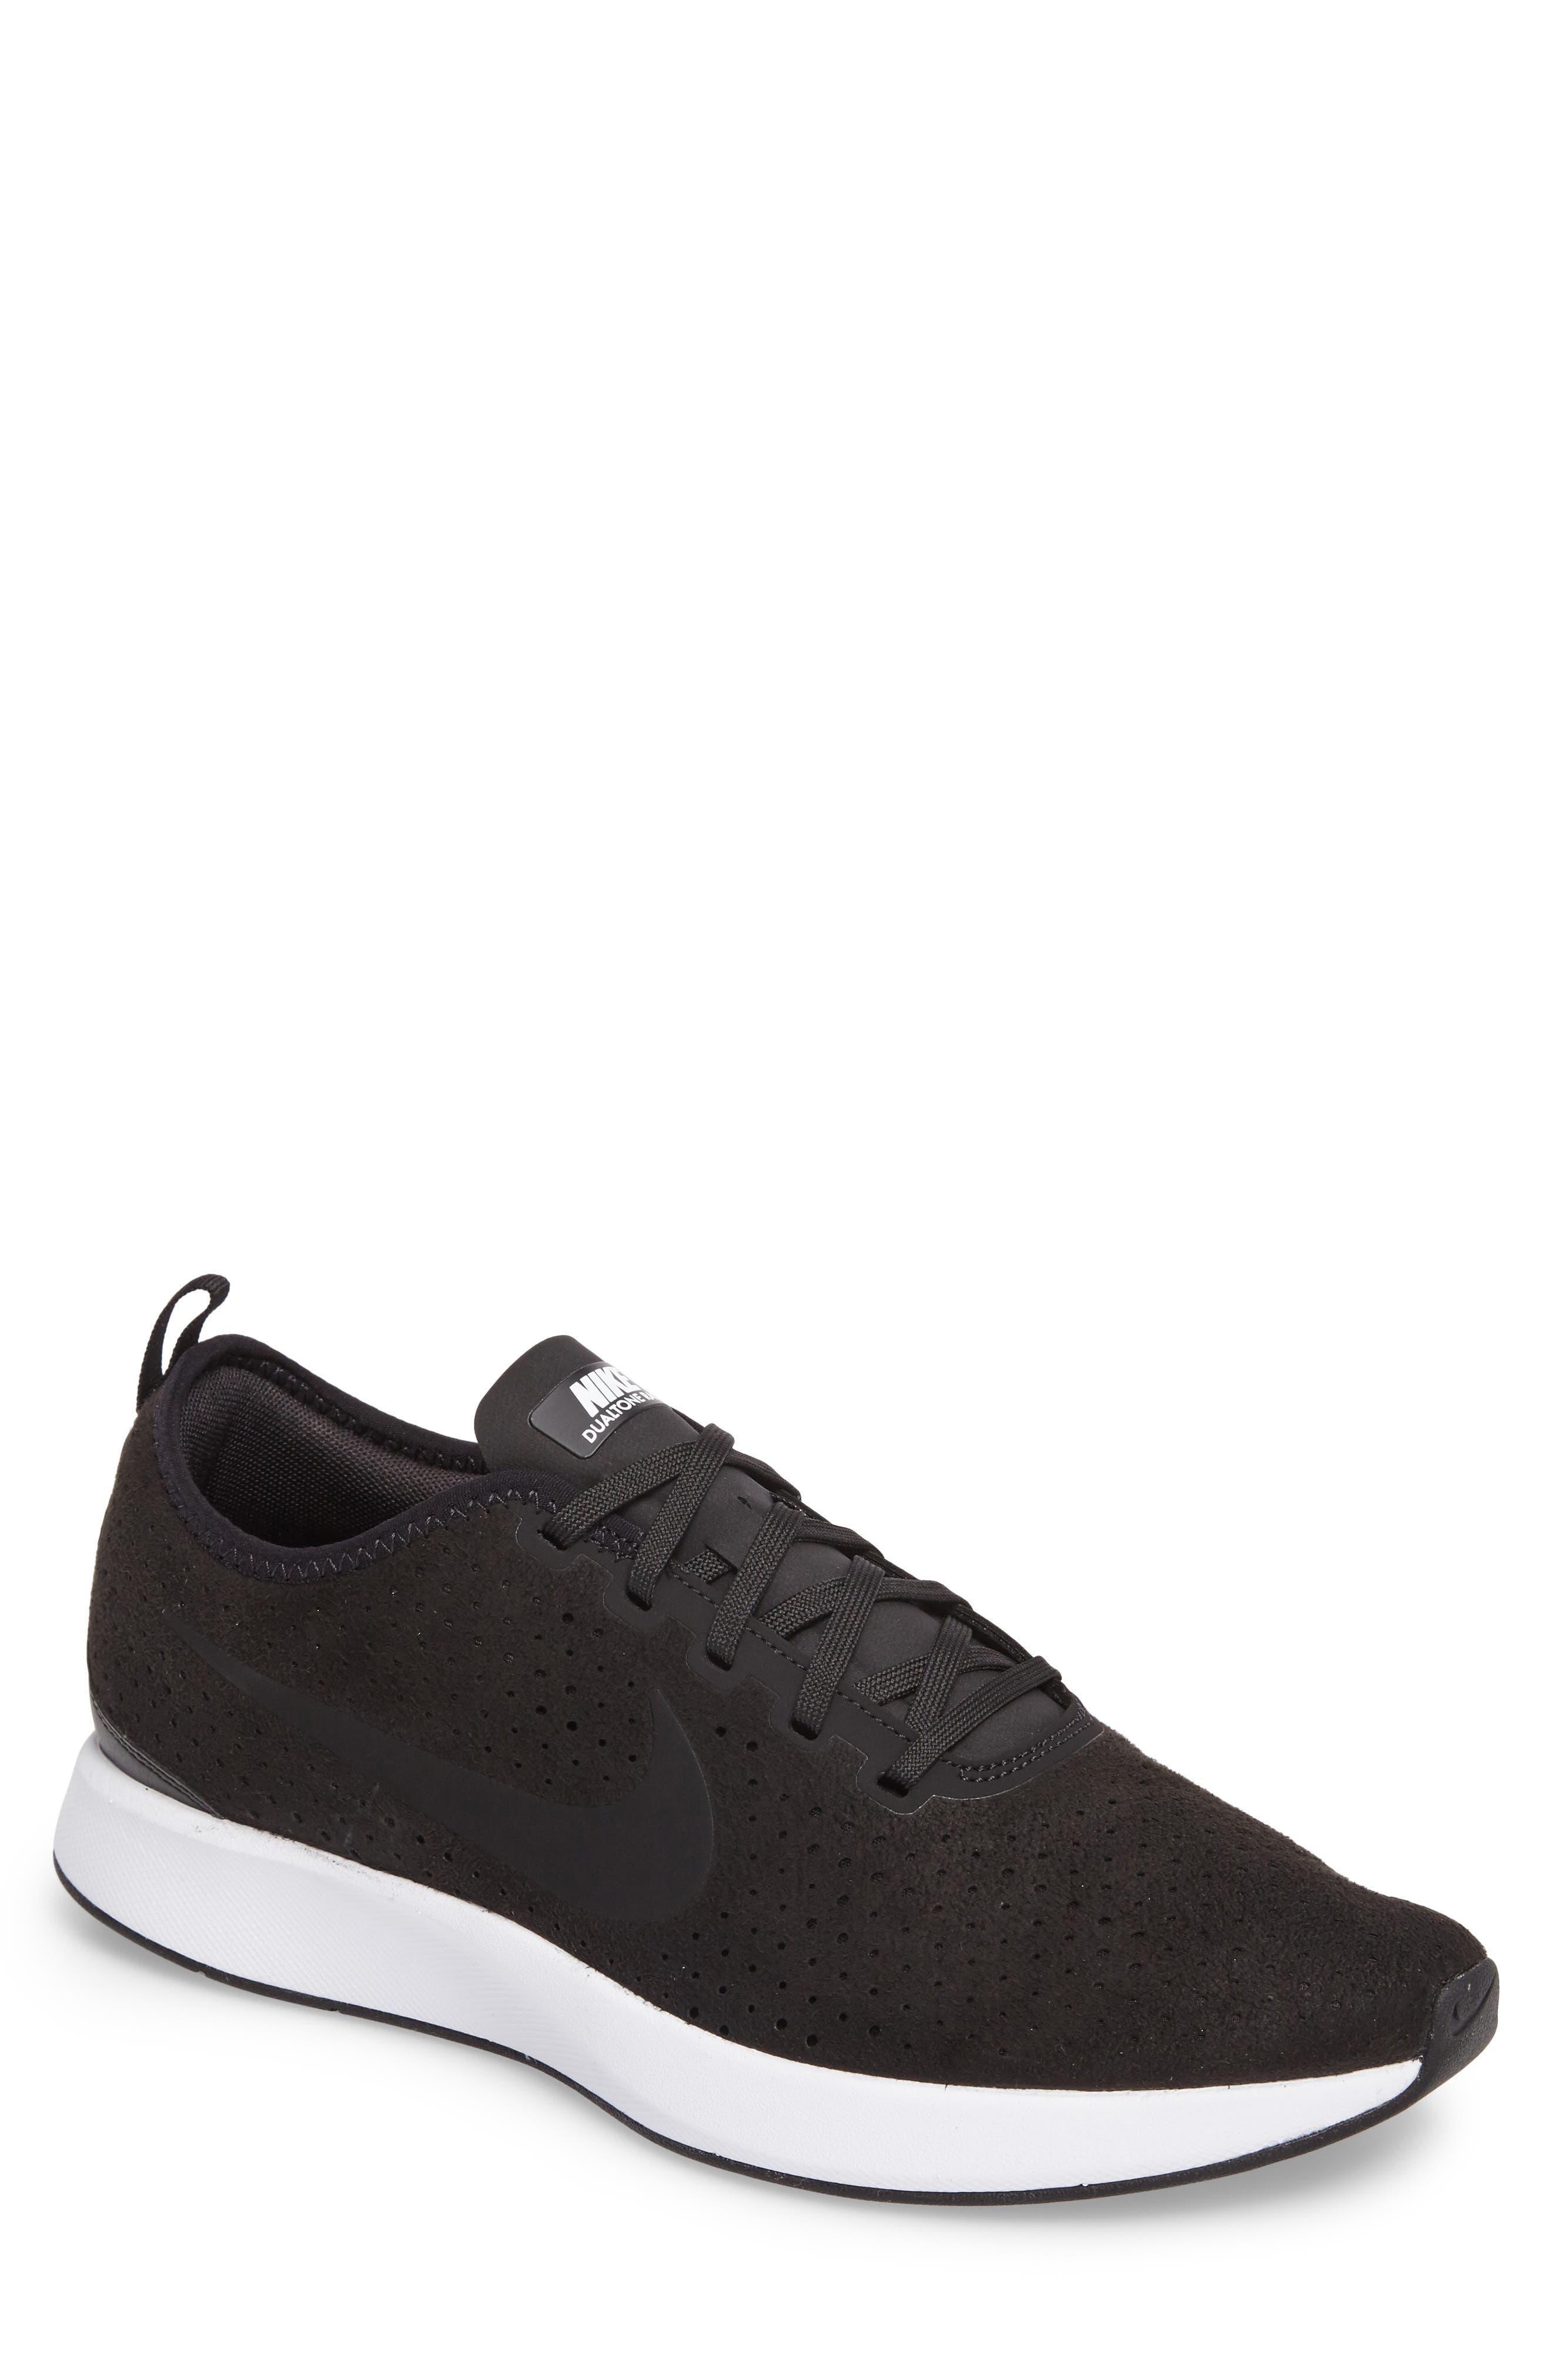 Dualtone Racer Premium Sneaker,                             Main thumbnail 1, color,                             Black/Black/White